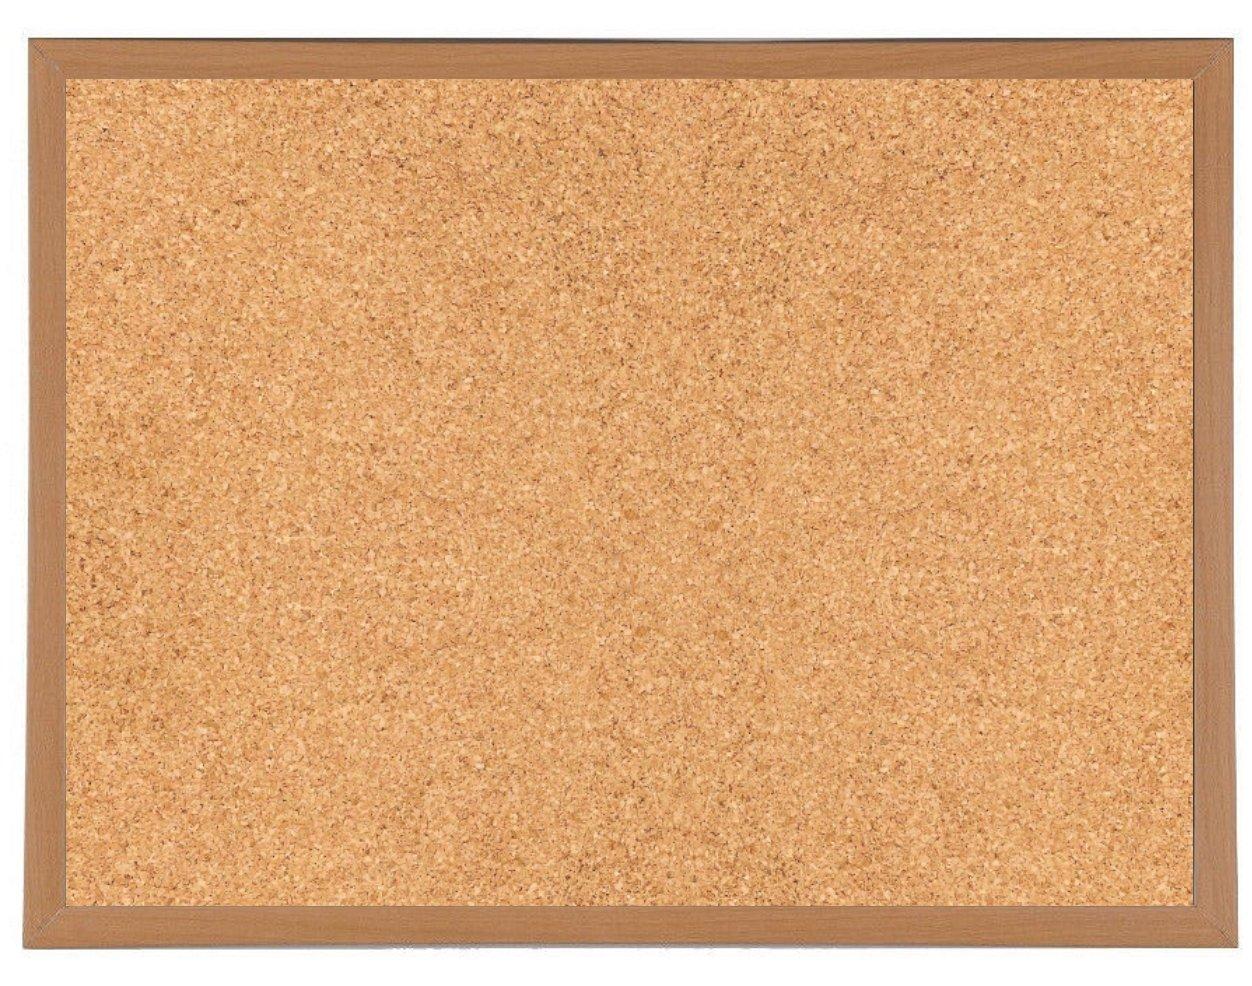 Bacheca in sughero con cornice extra-robusta in legno, per fissare annotazioni e messaggi, 600 x 400 mm Quickdraw